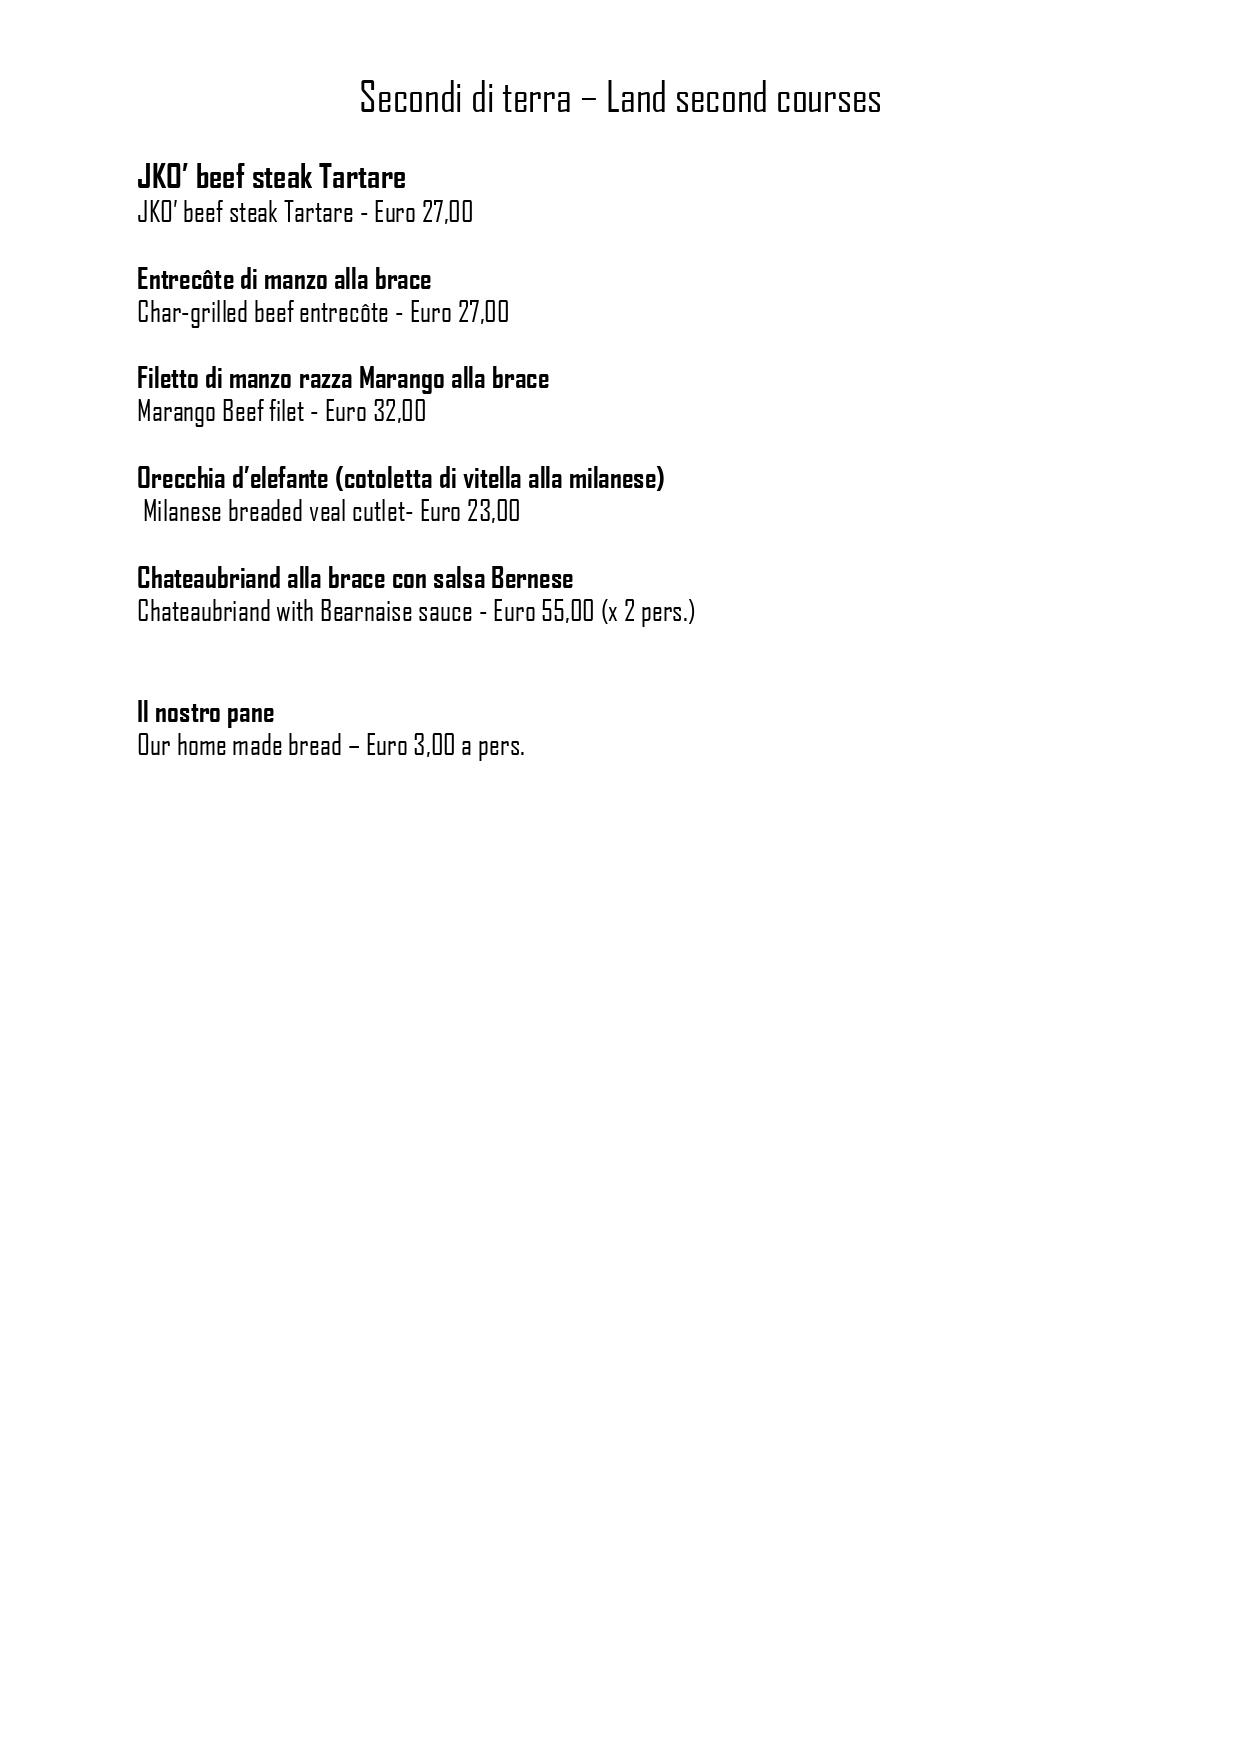 Secondi piatti di terra (1.20)_page-0001